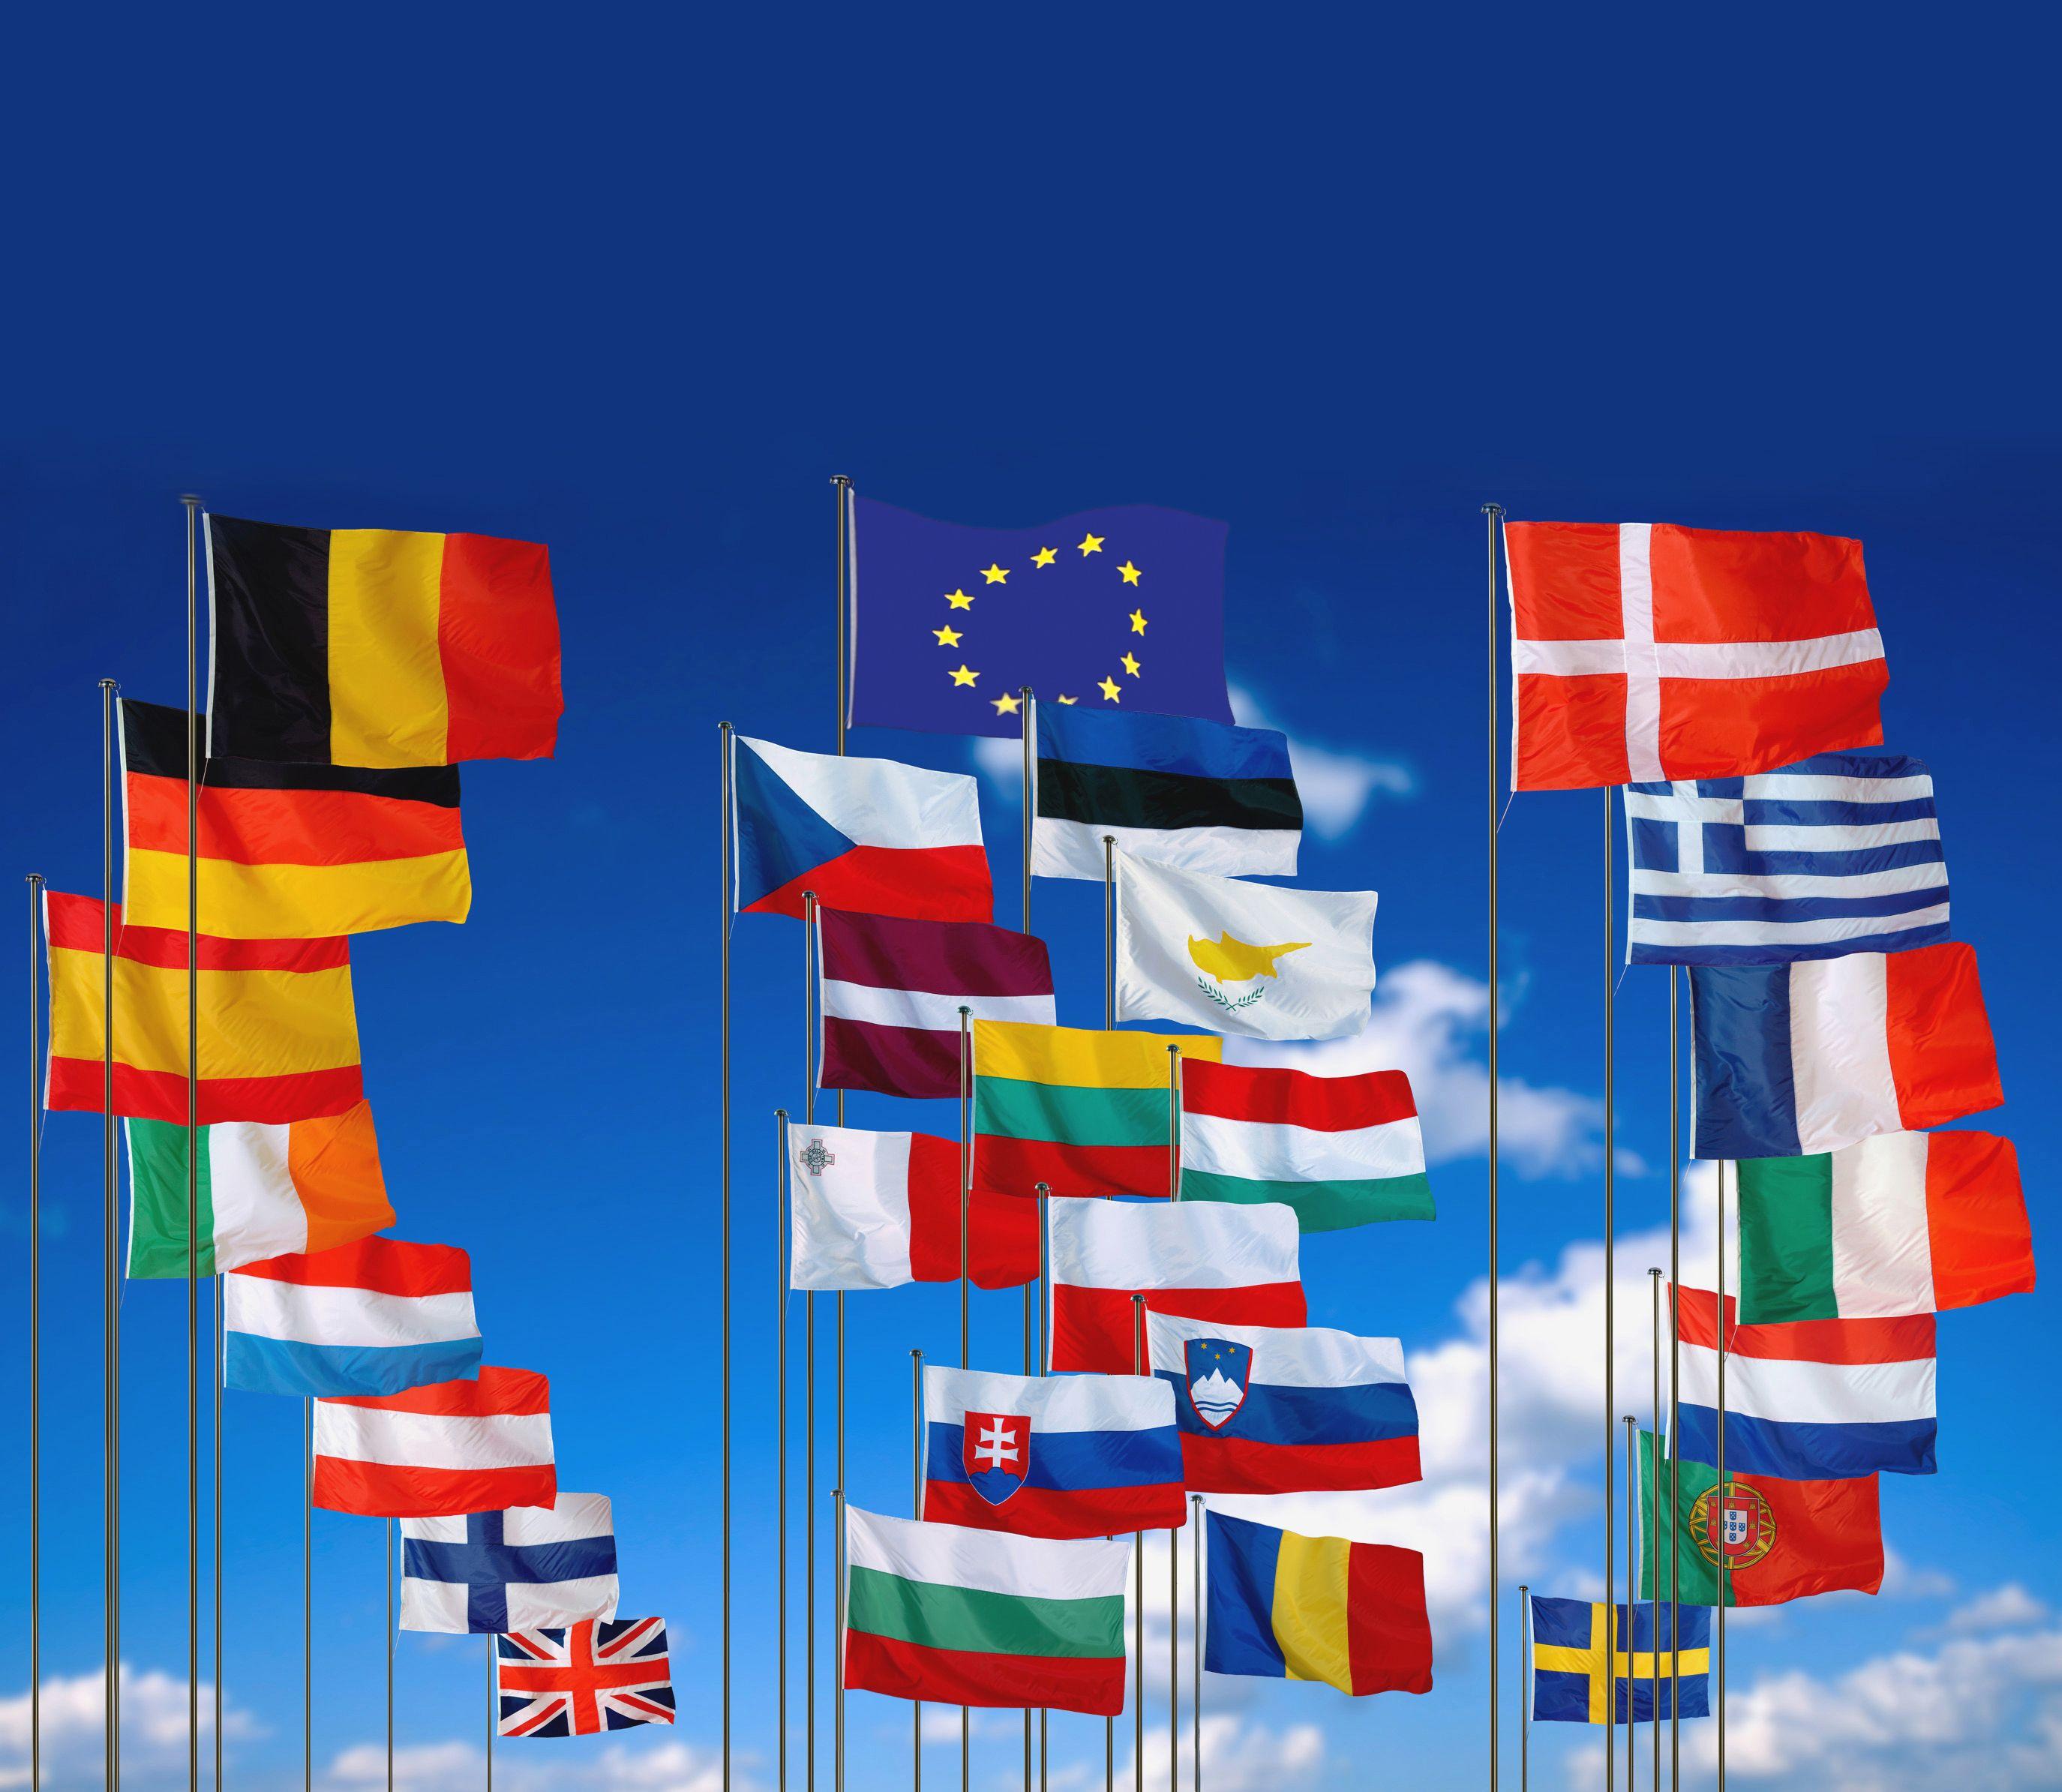 Les Activites Europeennes Du Senat Concernent L 039 Union Europeenne Le Conseil De L 039 Europe Et L 039 Osce Sejour Linguistique Europe L Union Europeenne